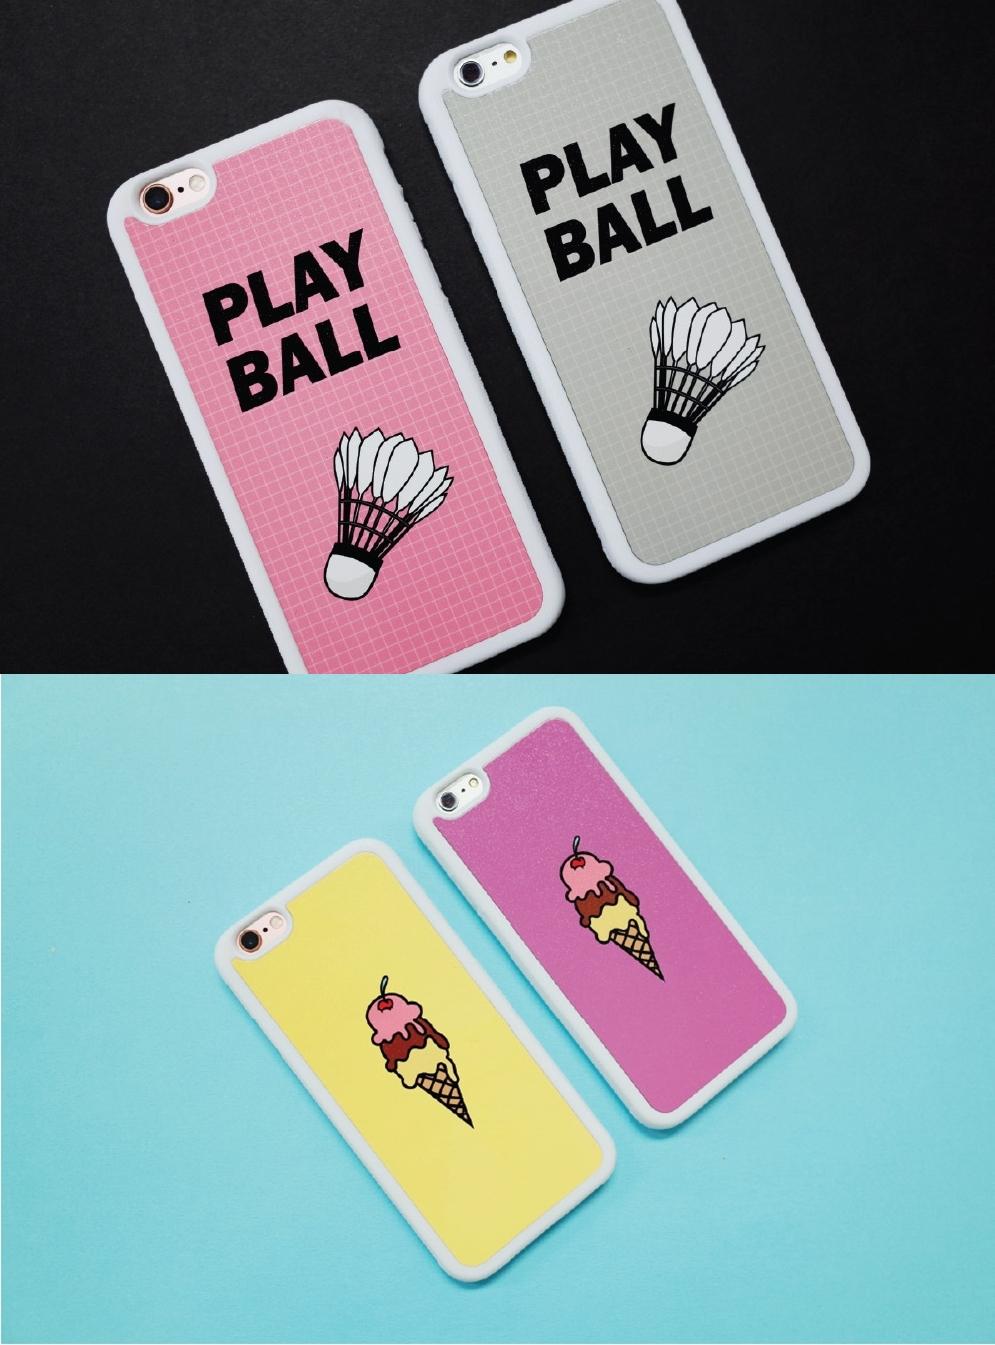 像是這款羽毛球與冰淇淋手機殼,就是網站上非常熱賣的款式!摩登少女自己是很想要購入羽毛球款啦